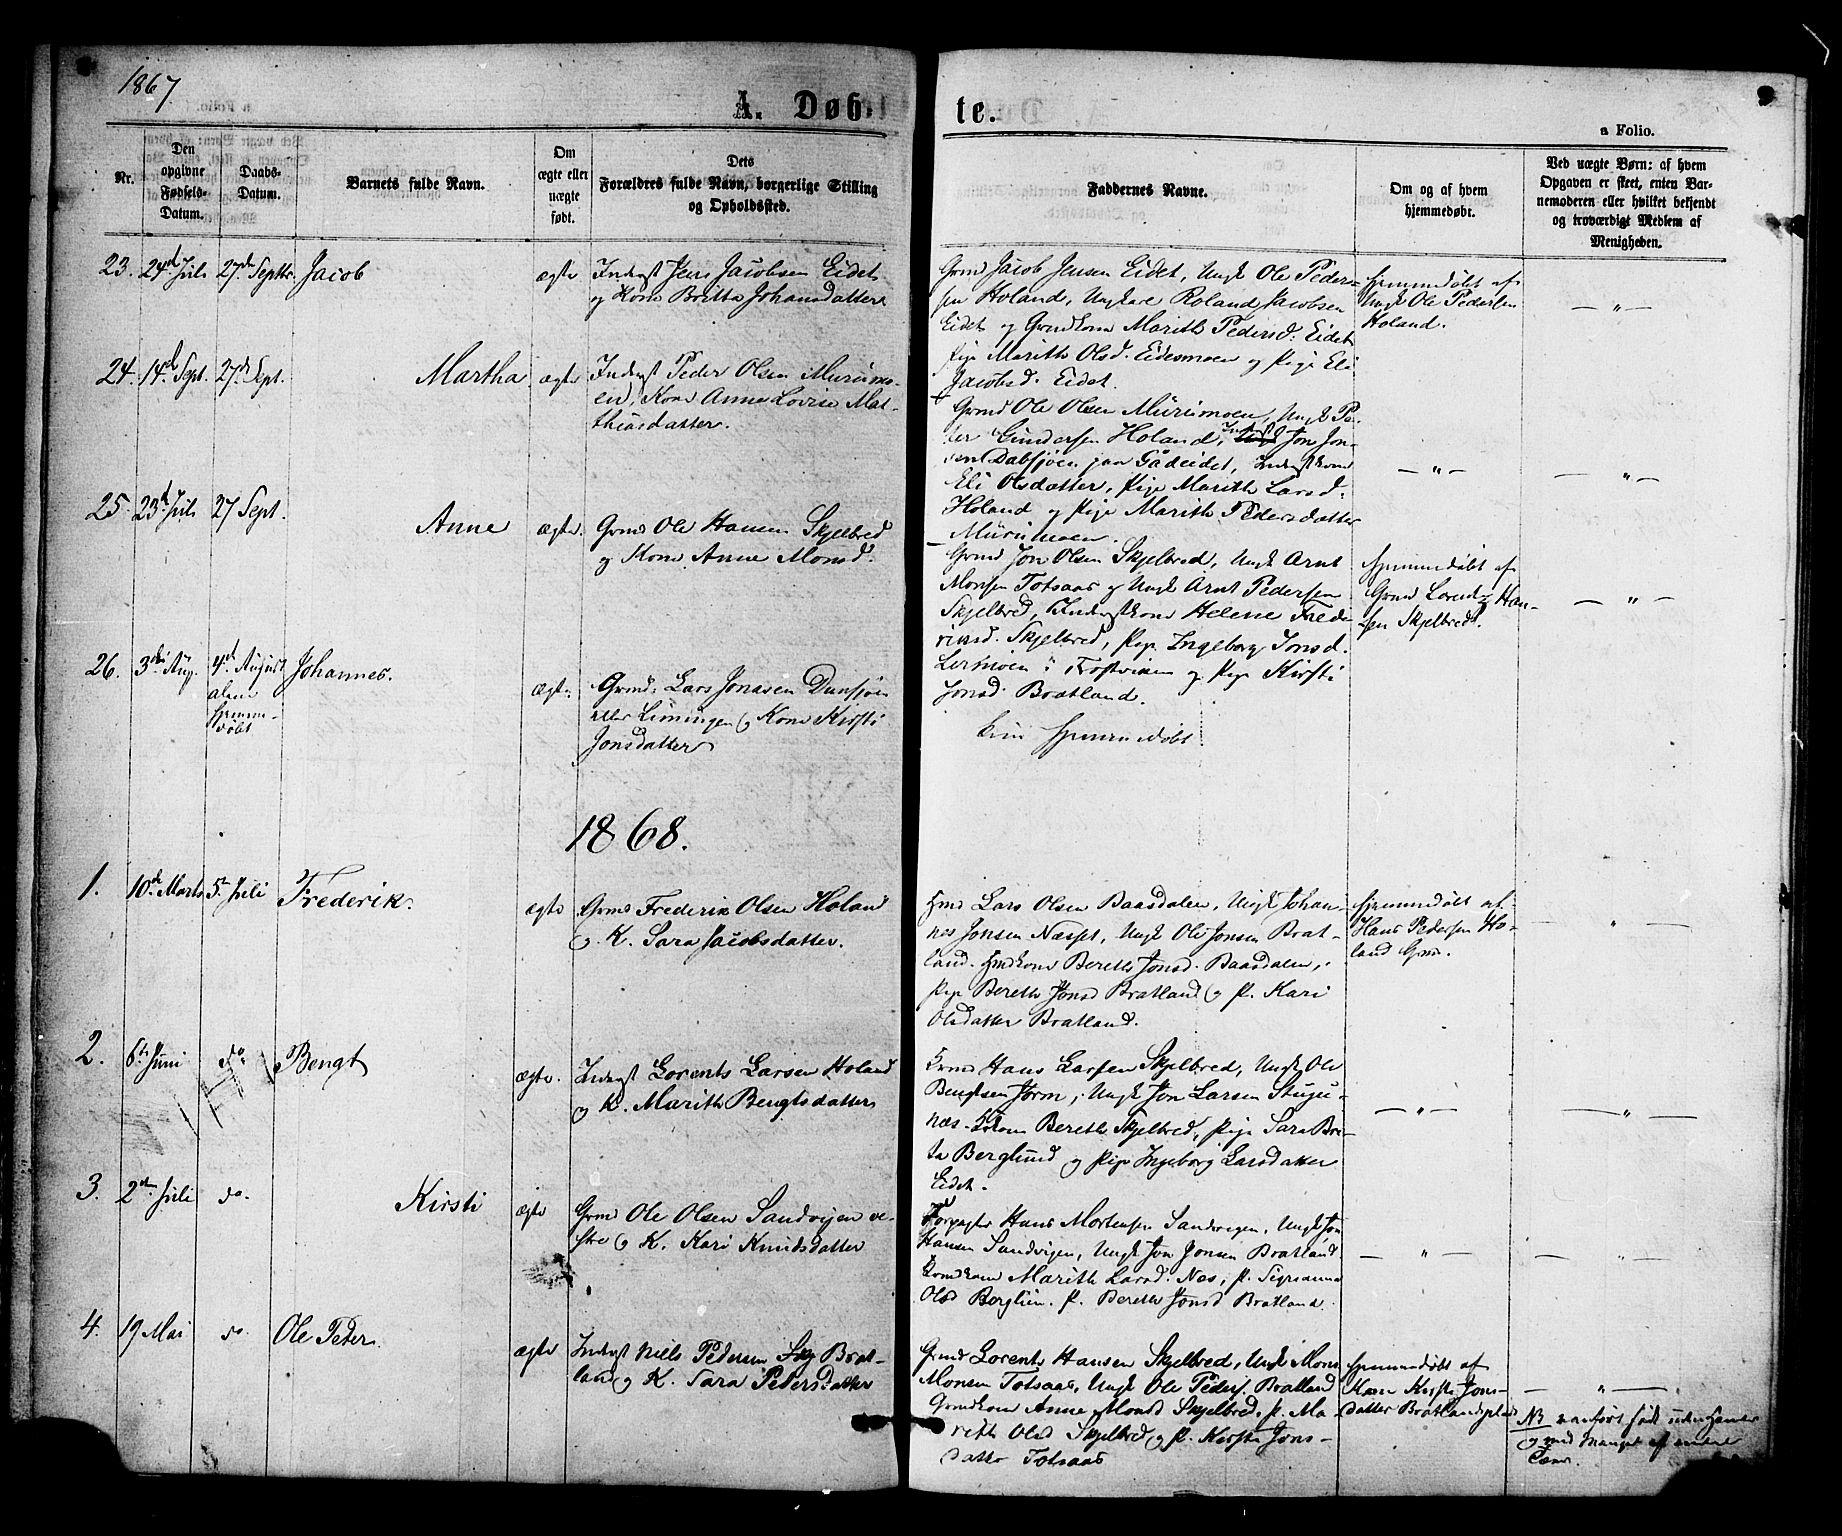 SAT, Ministerialprotokoller, klokkerbøker og fødselsregistre - Nord-Trøndelag, 755/L0493: Ministerialbok nr. 755A02, 1865-1881, s. 9